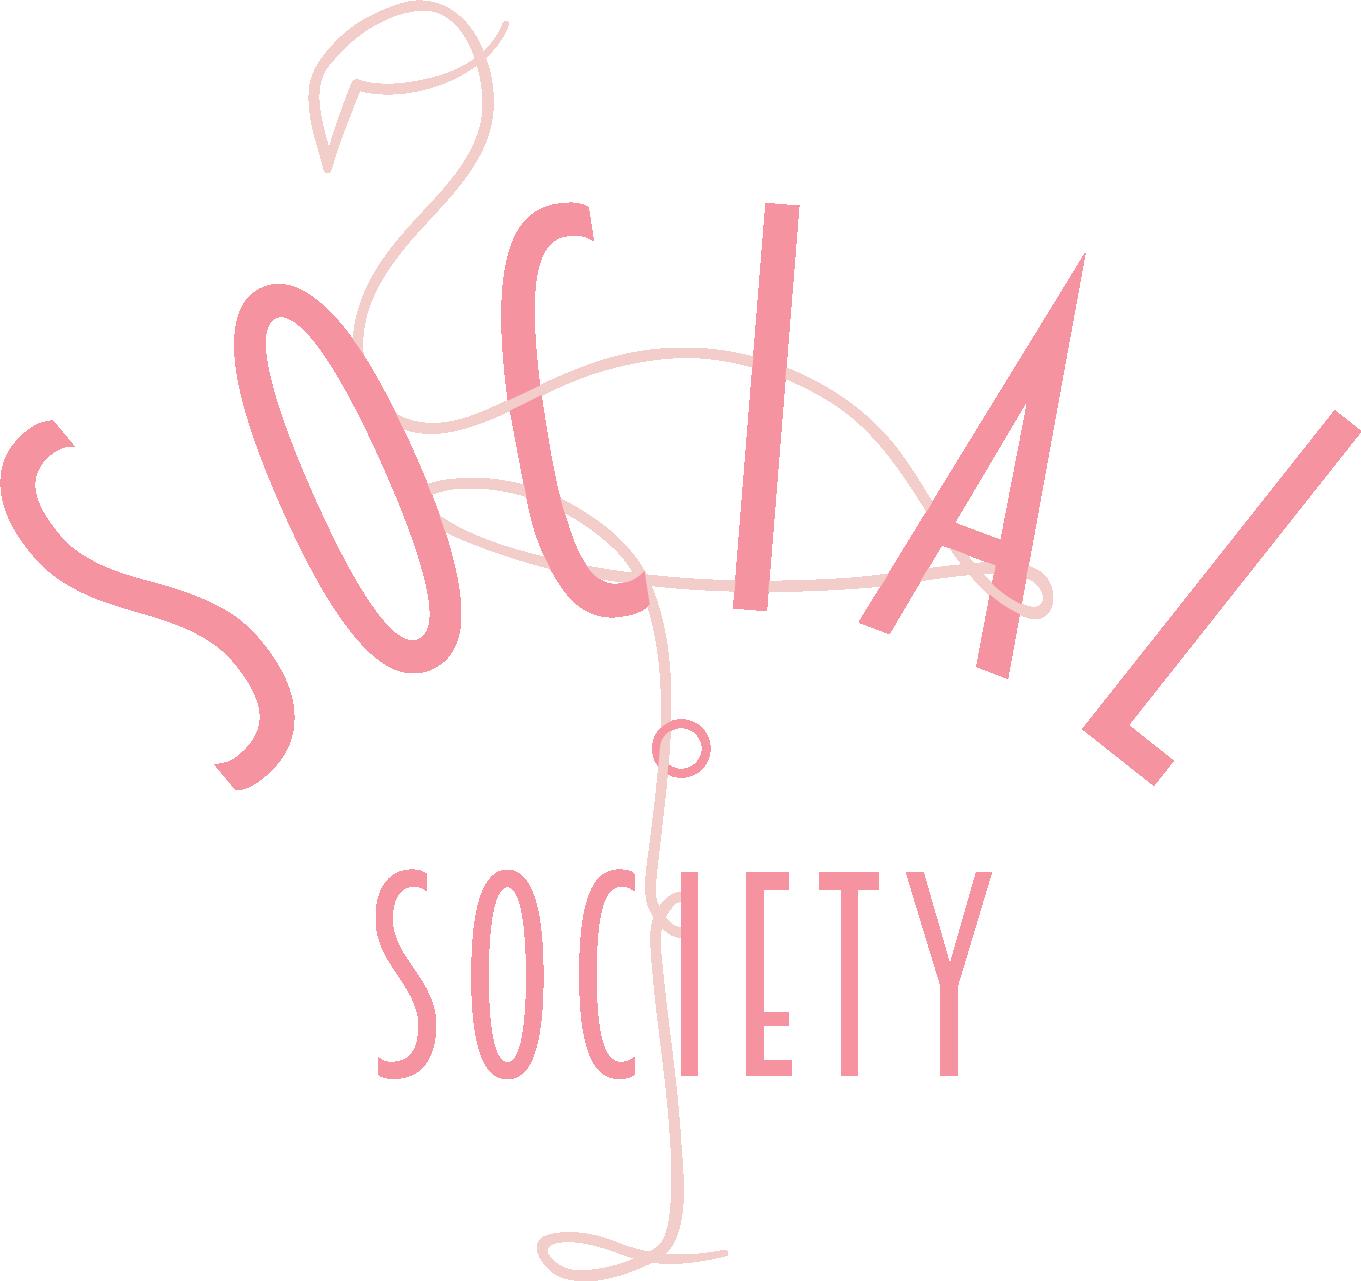 Social Society Sydney